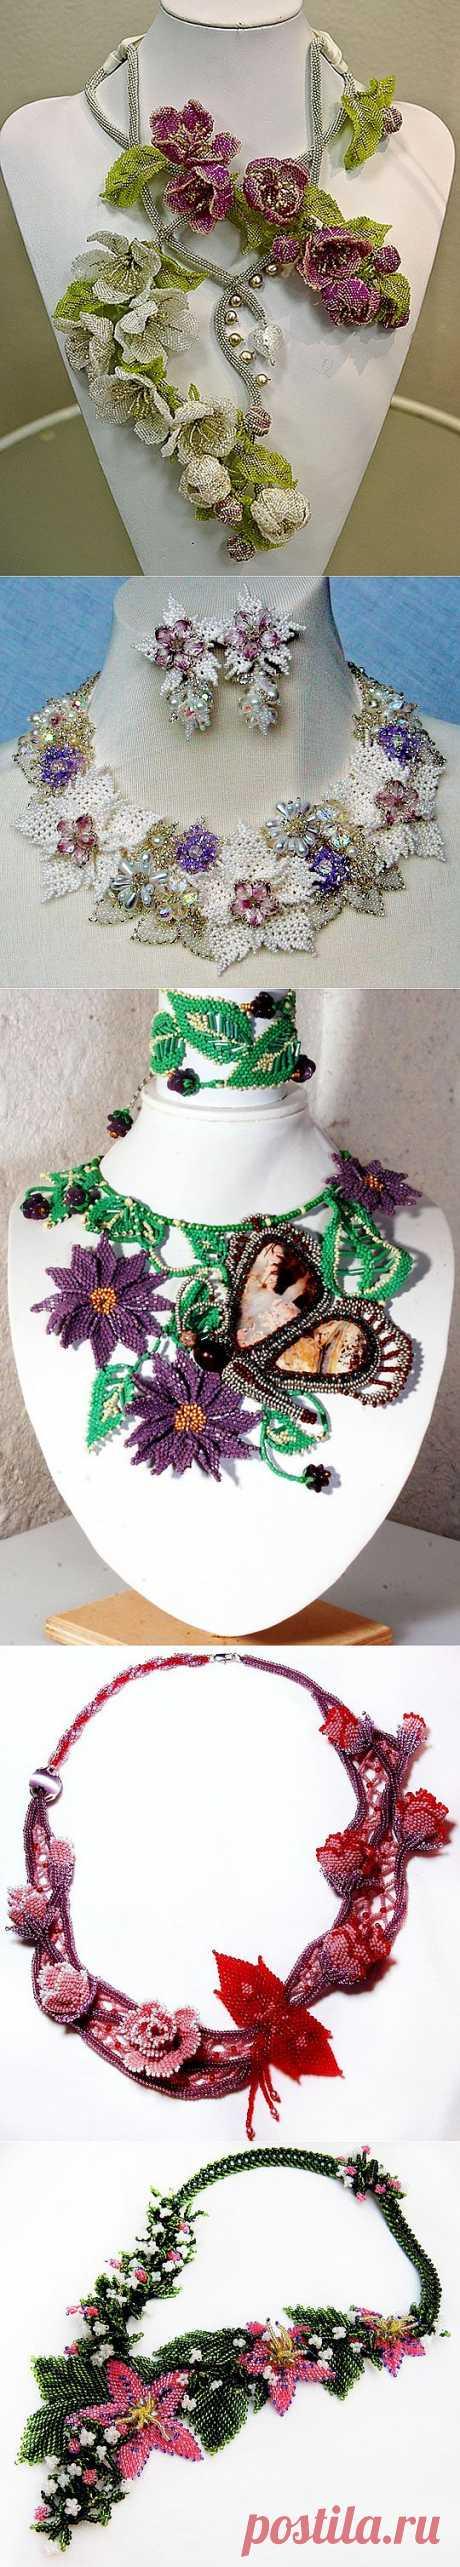 Красивая украшения с цветами   Бусы Магия